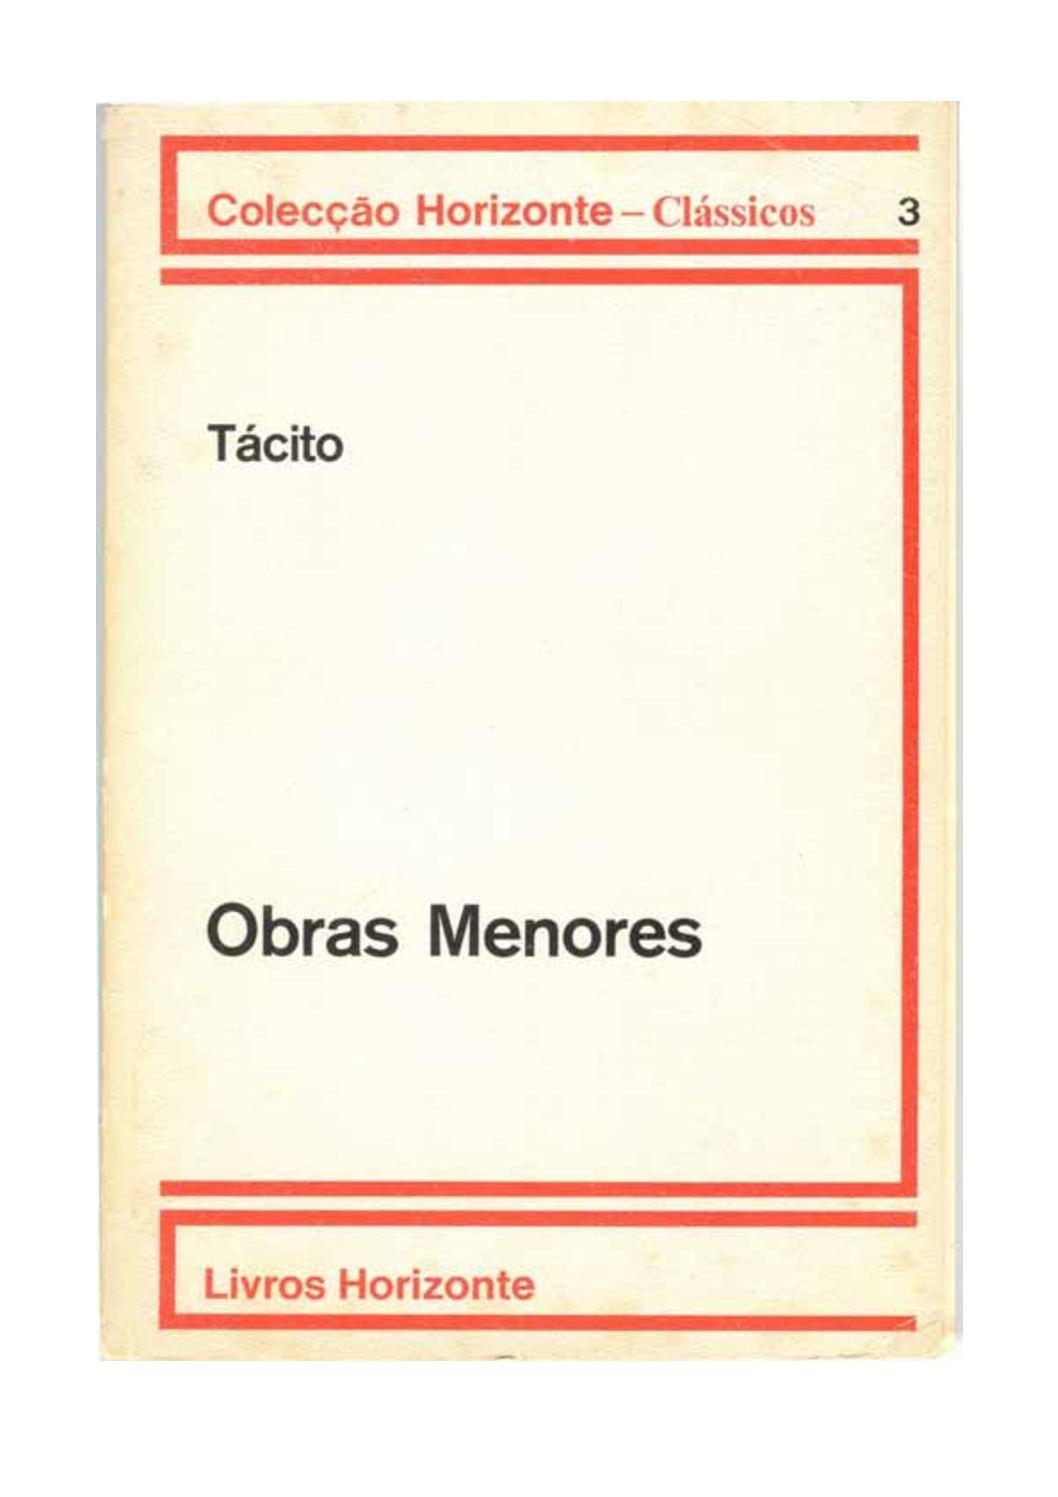 OBRAS MENORES